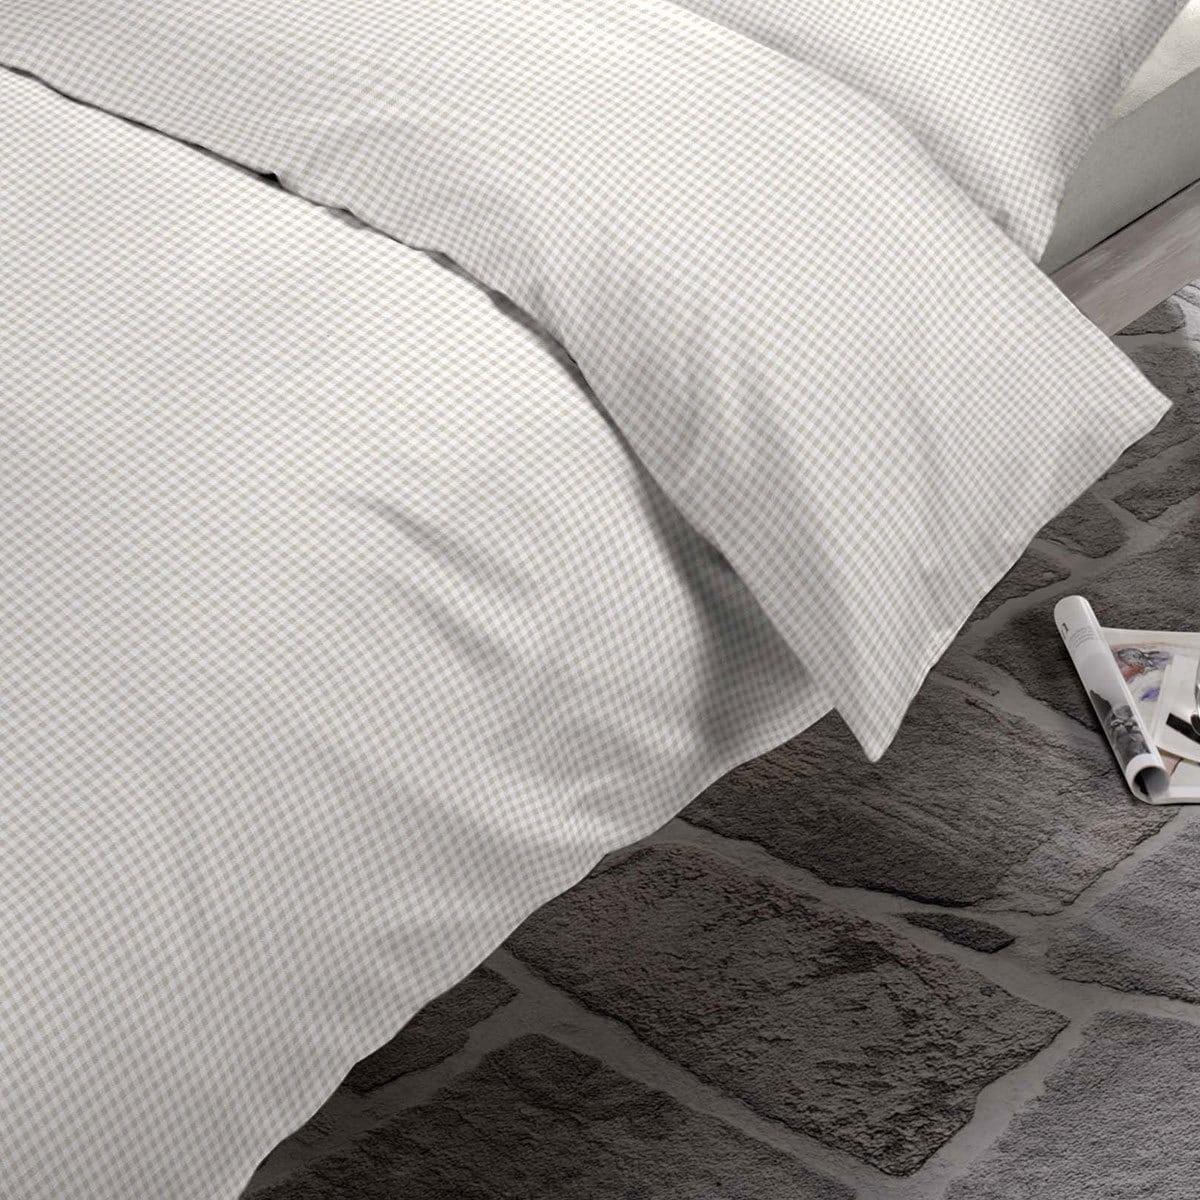 schlafgut casual cotton bettw sche starcheck sand g nstig online kaufen bei bettwaren shop. Black Bedroom Furniture Sets. Home Design Ideas